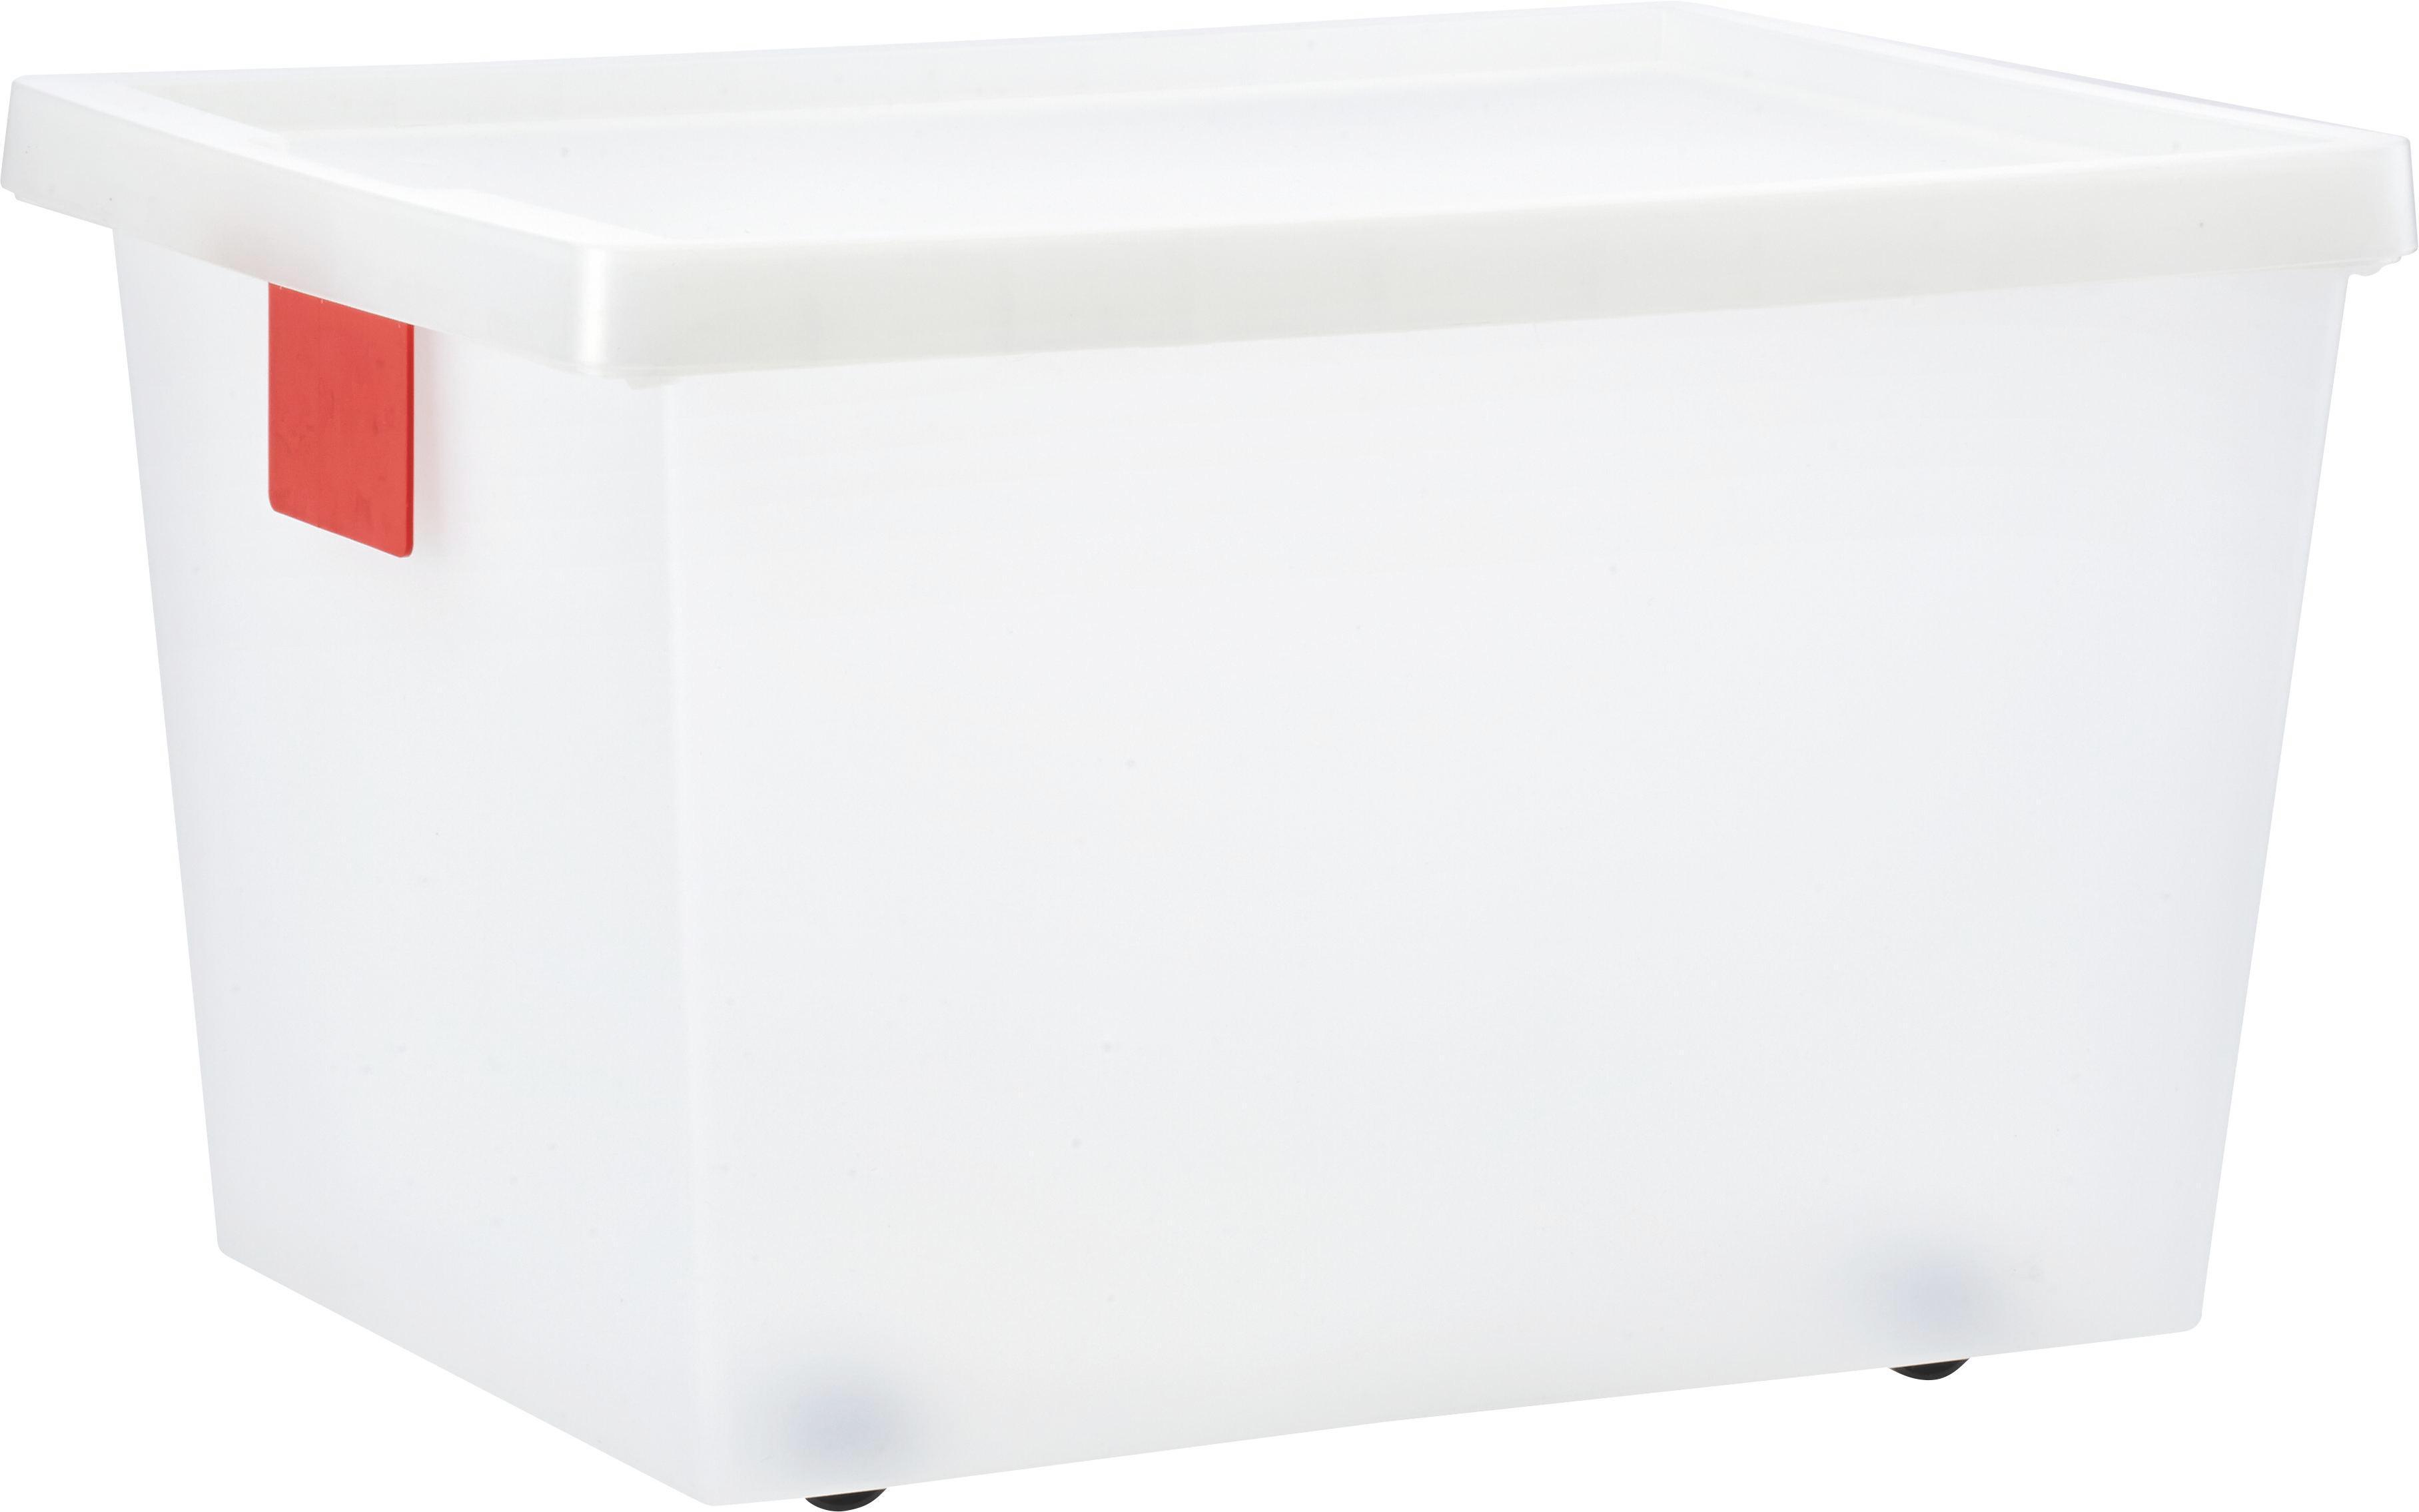 plastikbox mit deckel finest plastikbox mit deckel with. Black Bedroom Furniture Sets. Home Design Ideas